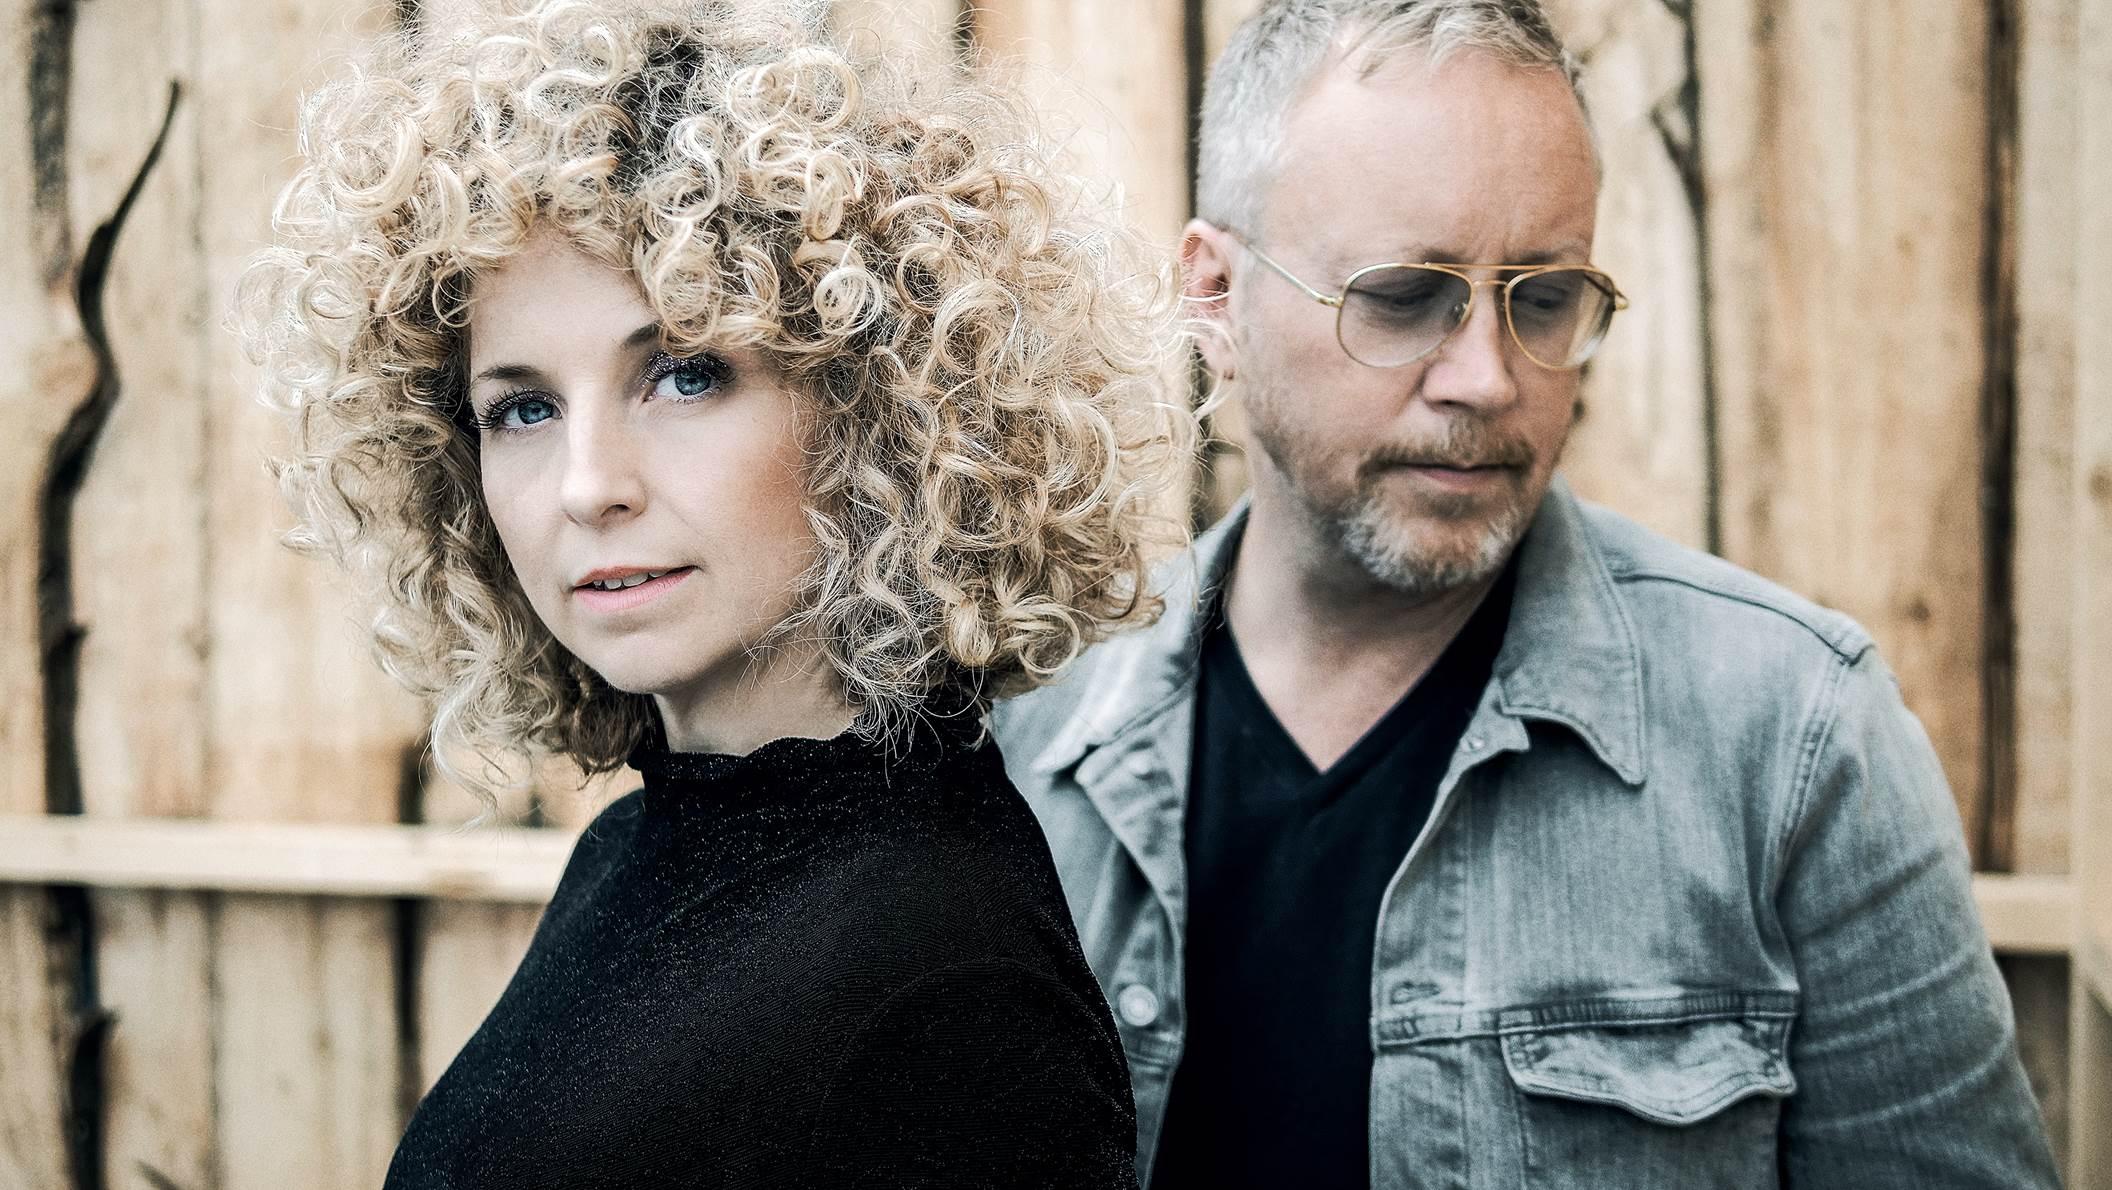 HUSH på Musikforeningen Bygningen i Køge d. 24. marts 2018. Med nye sange, et nyt album som forventes udgivet i starten af 2018 og med en forårsturné...